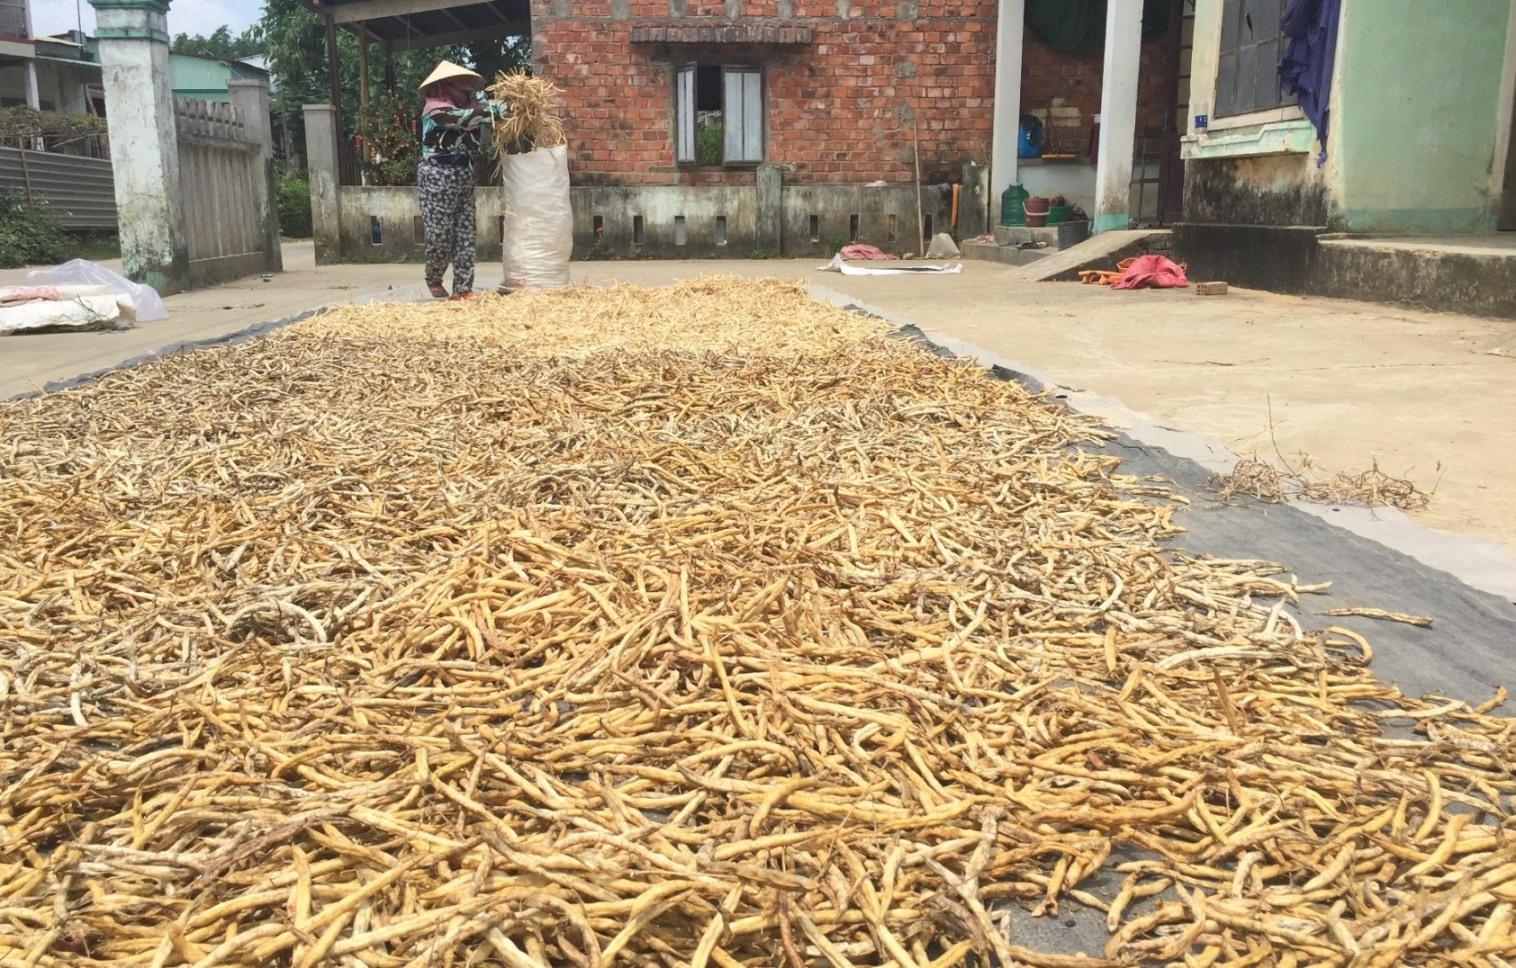 Đã có hơn 90 hộ dân ở thôn Bầu Tròn liên kết sản xuất giống đậu cove leo cho doanh nghiệp. Ảnh: PHAN VINH